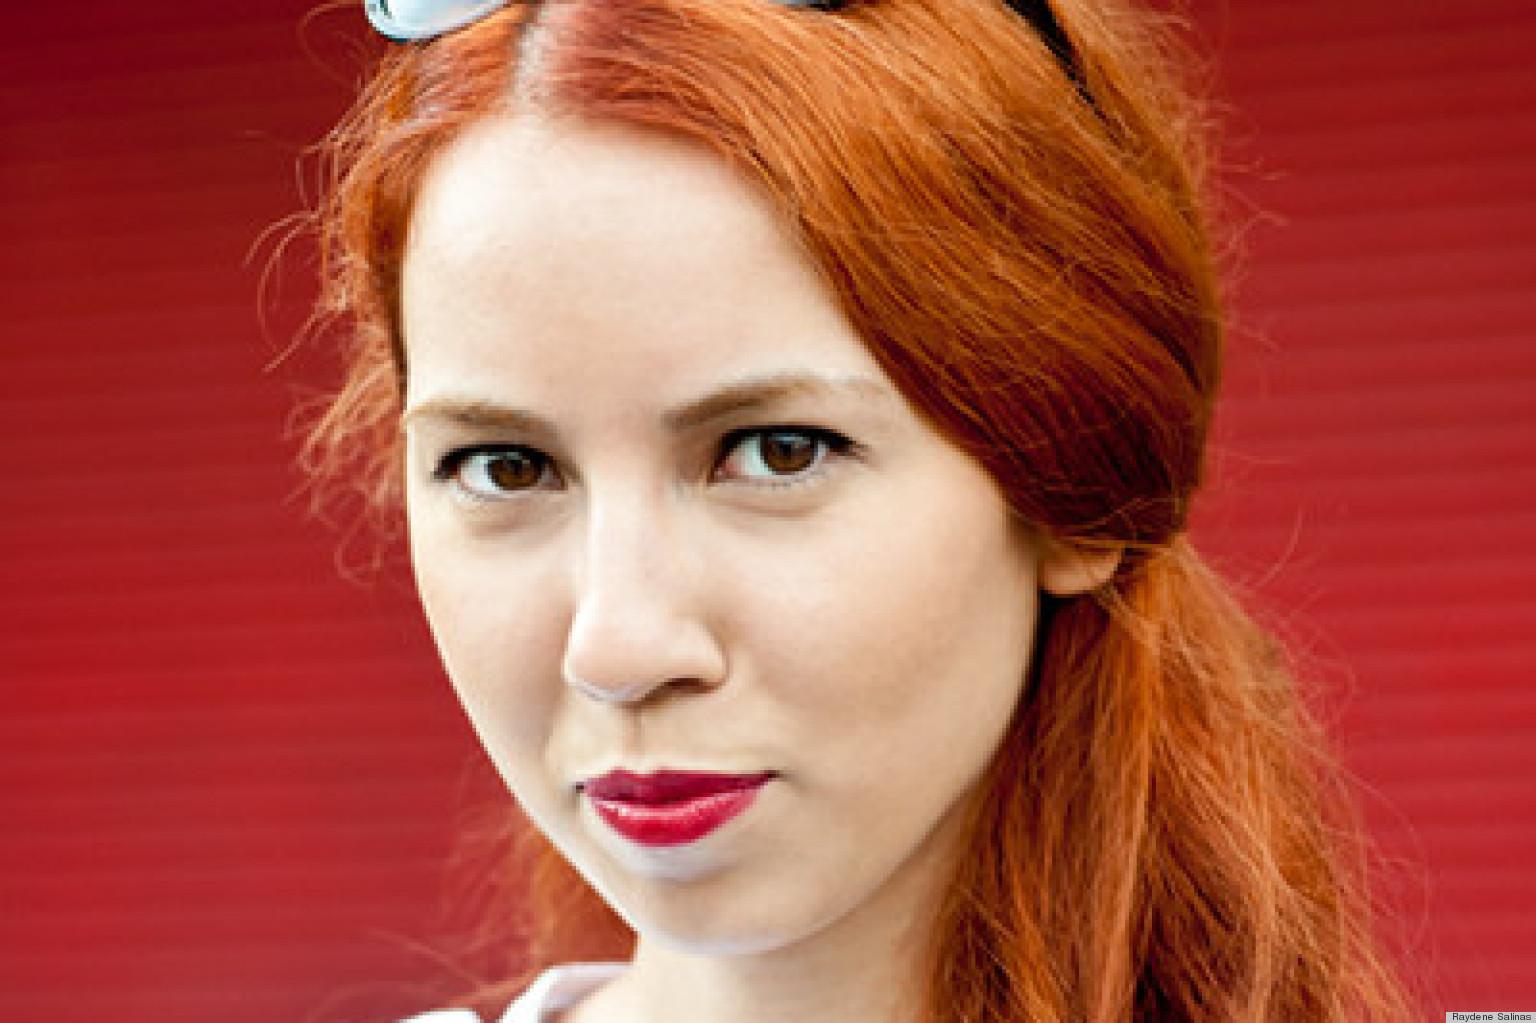 Beauty Street Style: Gizem Kuruz, Theory Intern, Makes Red